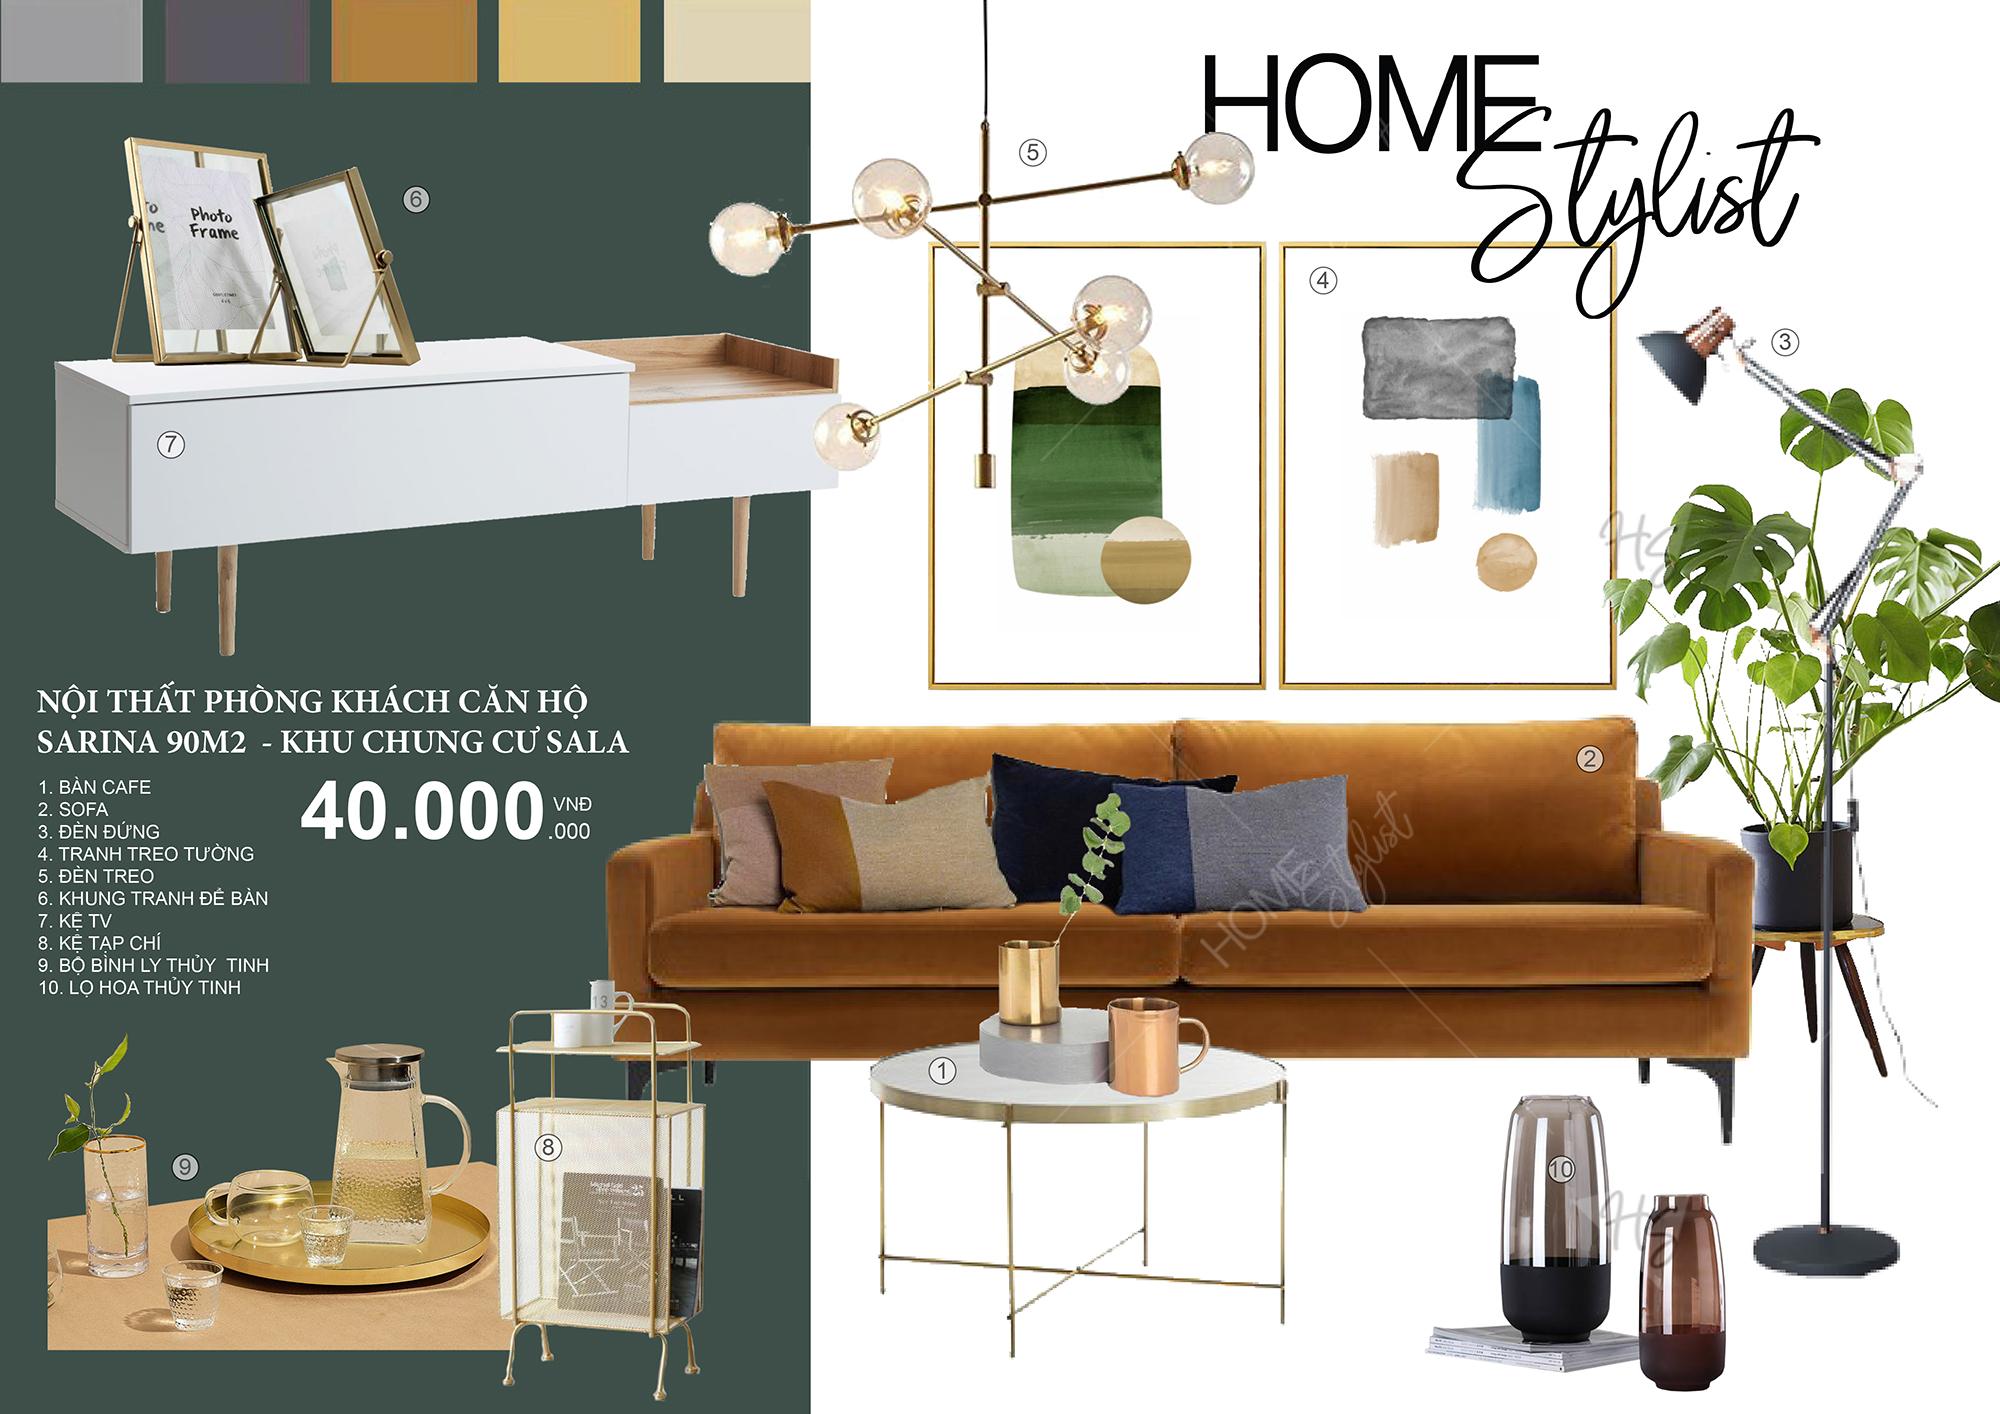 Concept nội thất phòng khách căn hộ Sarina - sở hữu căn hộ Sarina cao cấp tại chung cư Sala thì càng nên chú trọng vào không gian nội thất. Lựa chọn phong cách thiết kế nội thất cho căn hộ mình thật sáng tạo sẽ mang đến cảm giác thoải mái và hãnh diện khi khách đến tham quan.Với bộ Concept này từ Stylist. Bạn sẽ không phải băn khoăn về cách sắp xếp và bố trí đồ nội thất như thế nào cho thật ấn tượng.